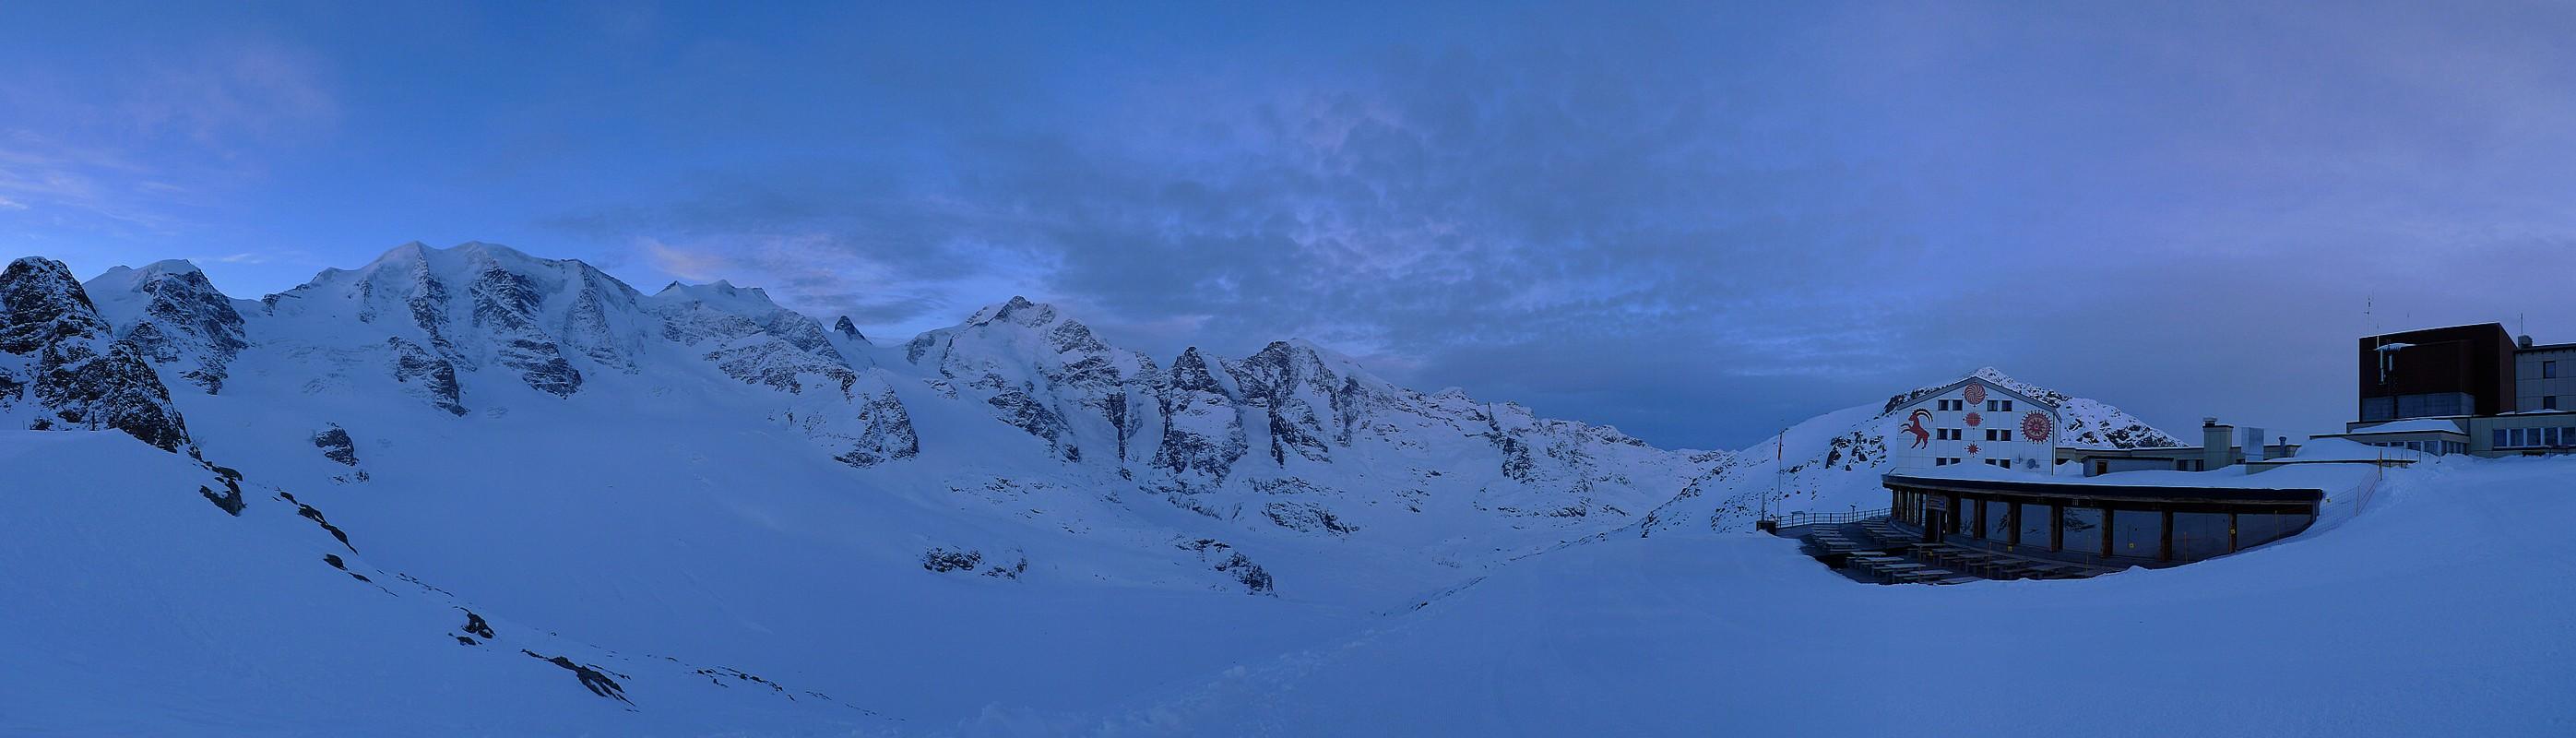 Piz Palü Bernina Switzerland panorama 07